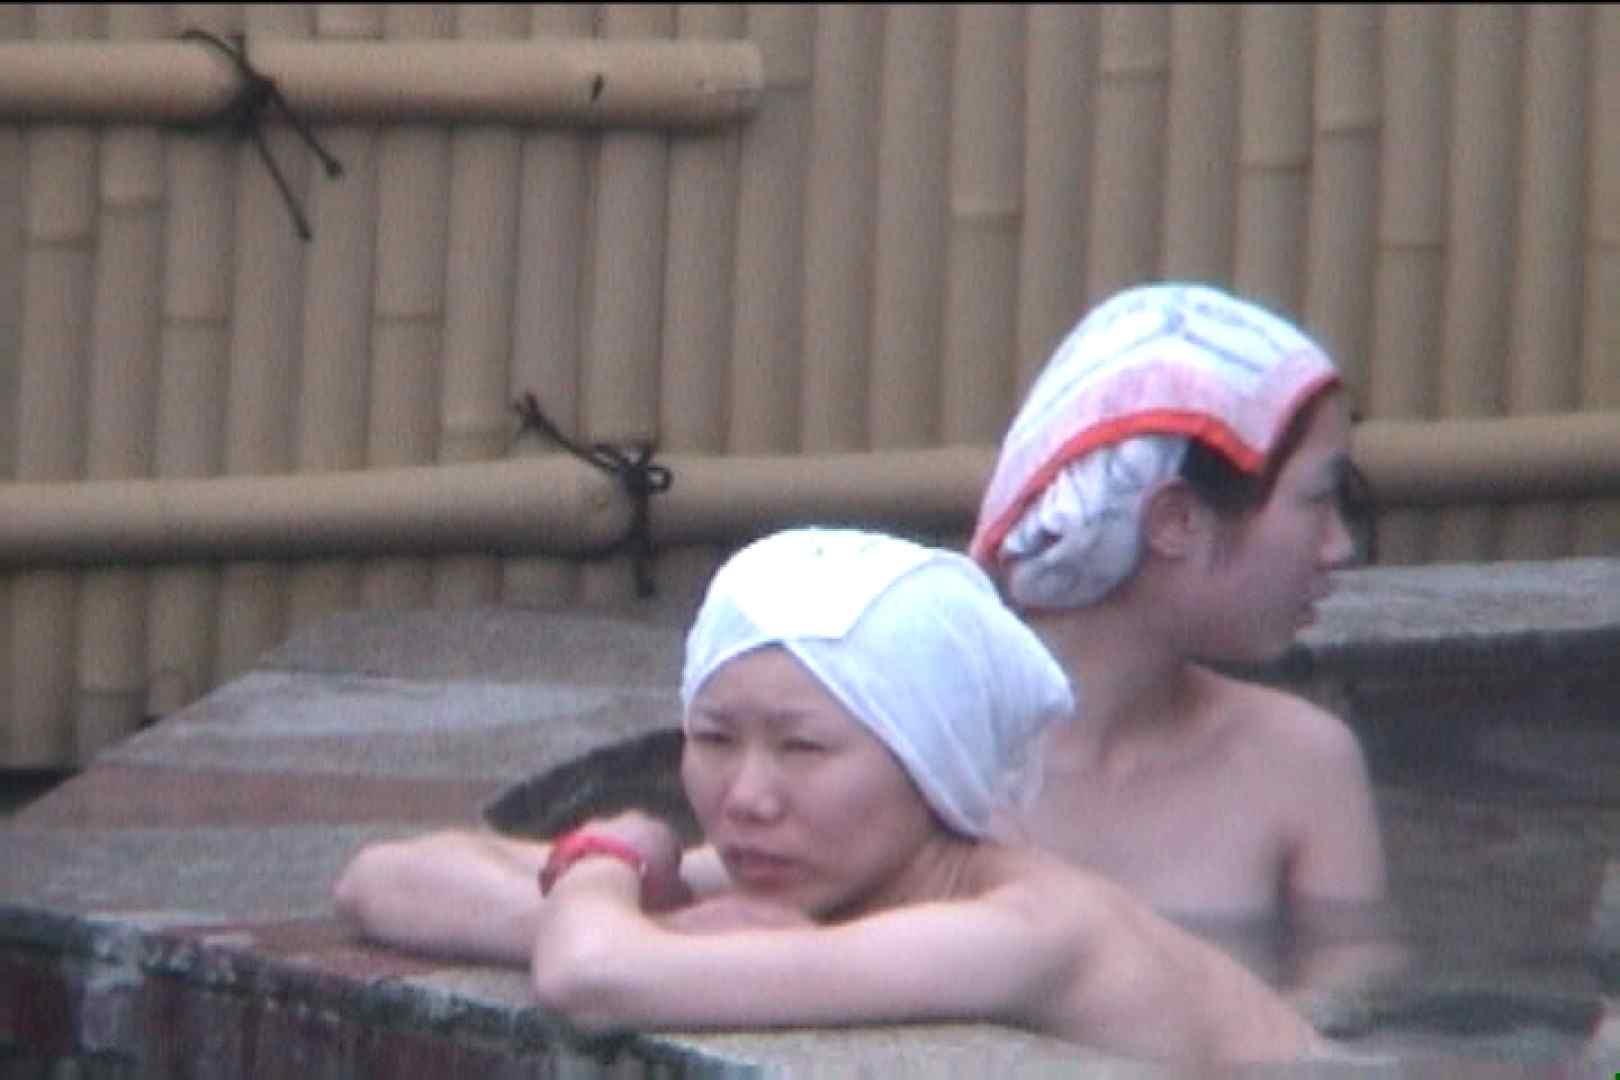 Aquaな露天風呂Vol.91【VIP限定】 OLエロ画像  104PICs 18